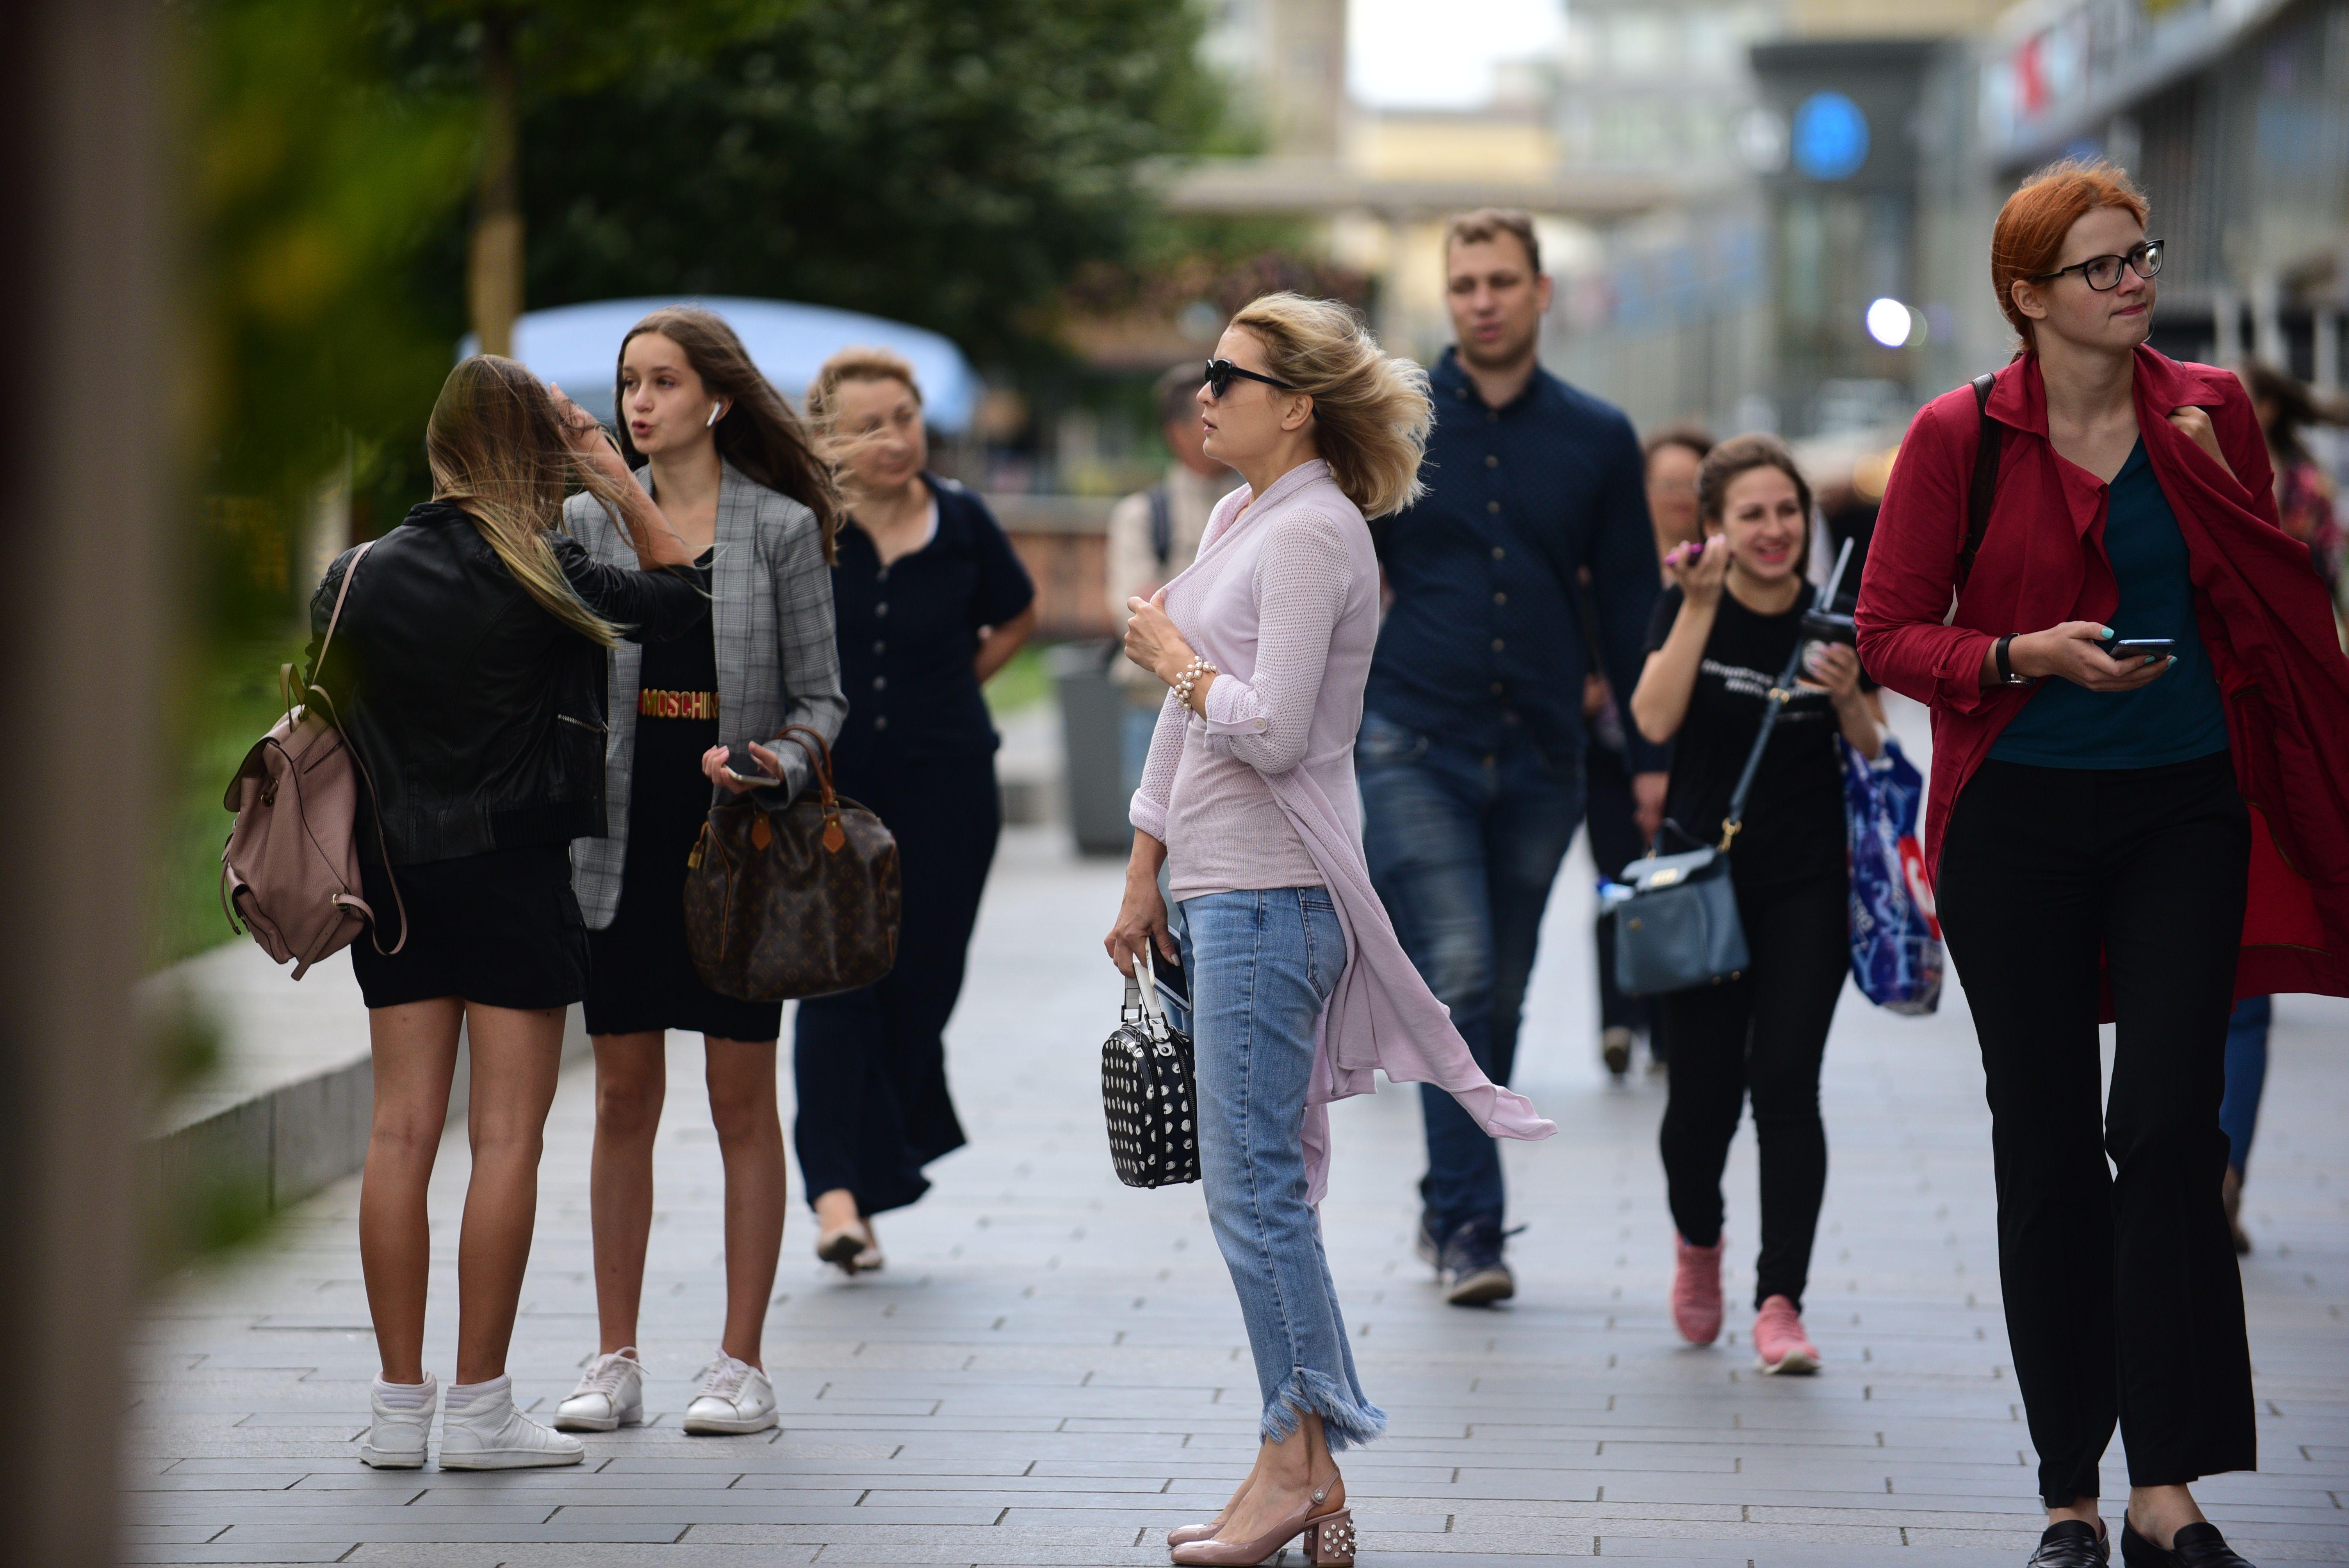 Москвичей ожидают теплые выходные дни